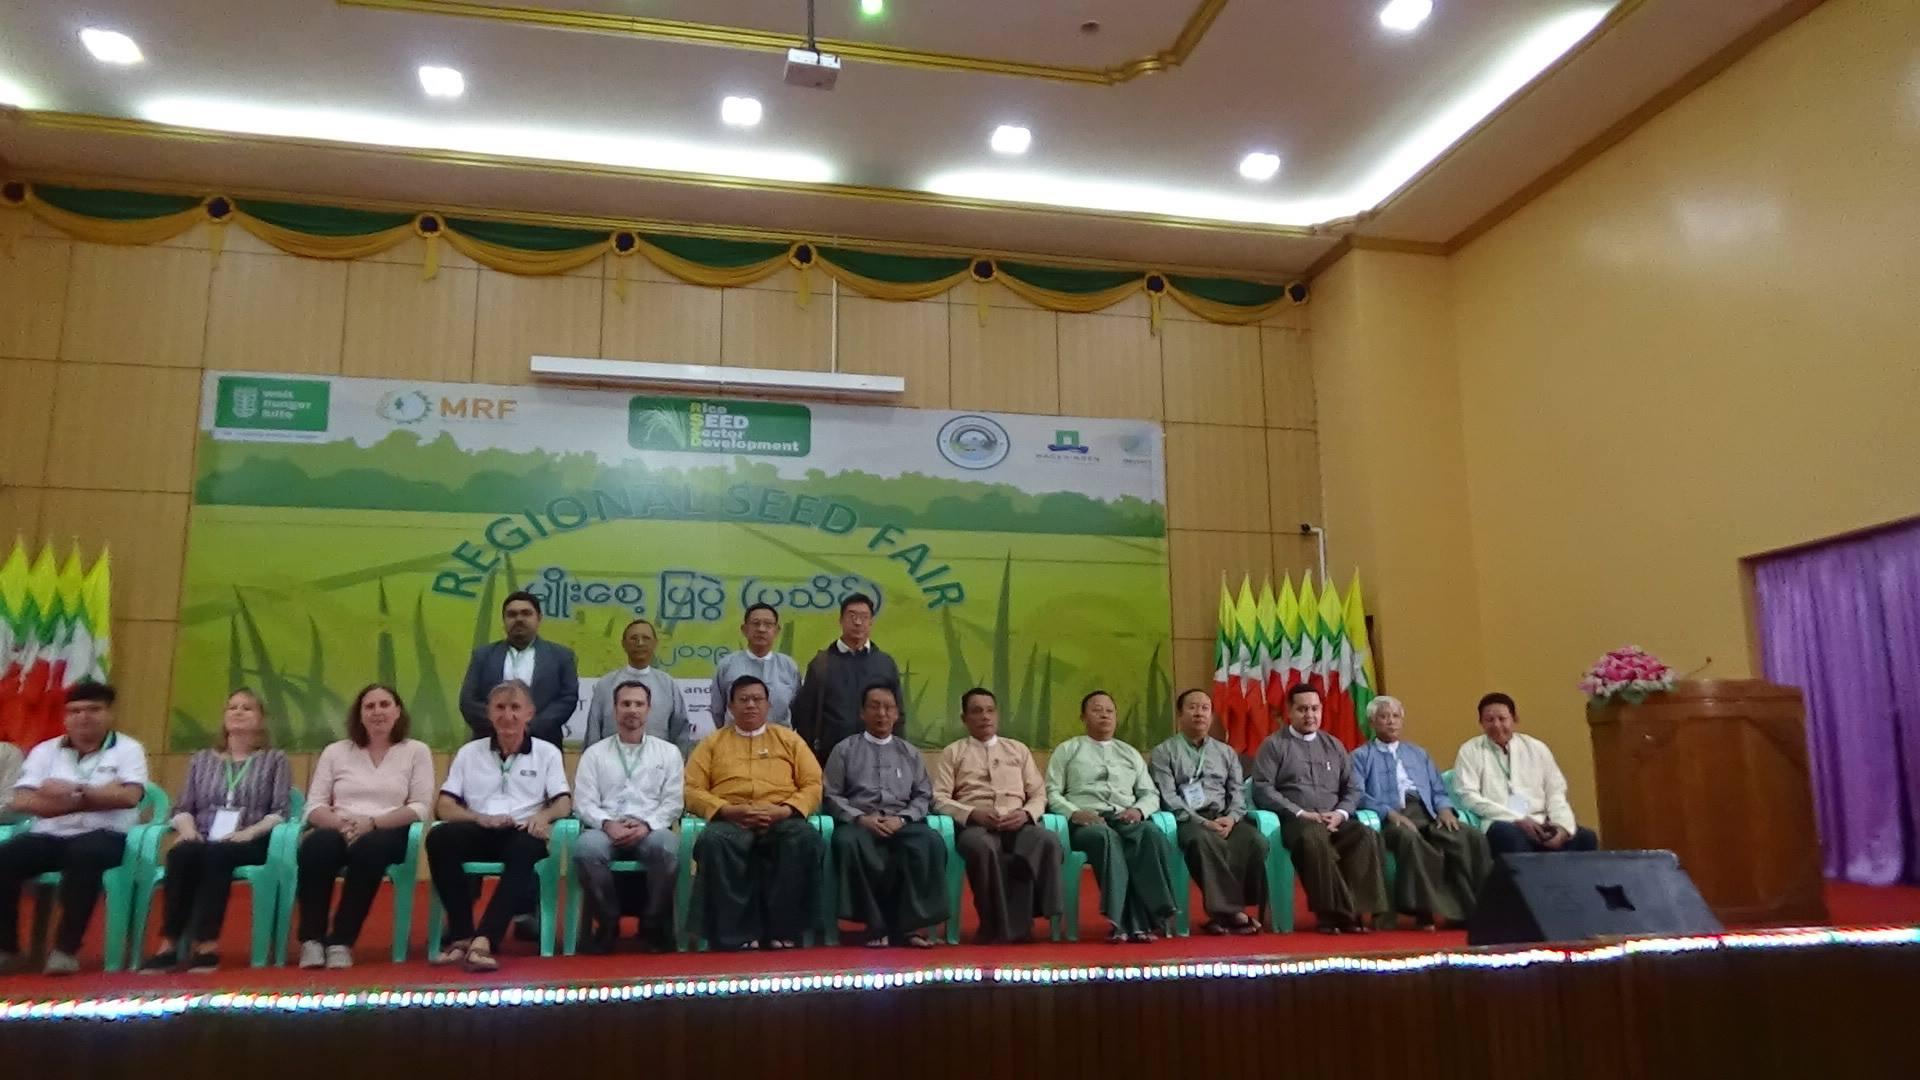 စပါးမျိုးစေ့ကဏ္ဍ ဖွံ့ဖြိုးတိုးတက်ရေး (RSSD) စီမံကိန်းအရ အစိုးရပိုင် မျိုးစေ့ခြံများ အဆင့်မြှင့်တင် သွားမည်